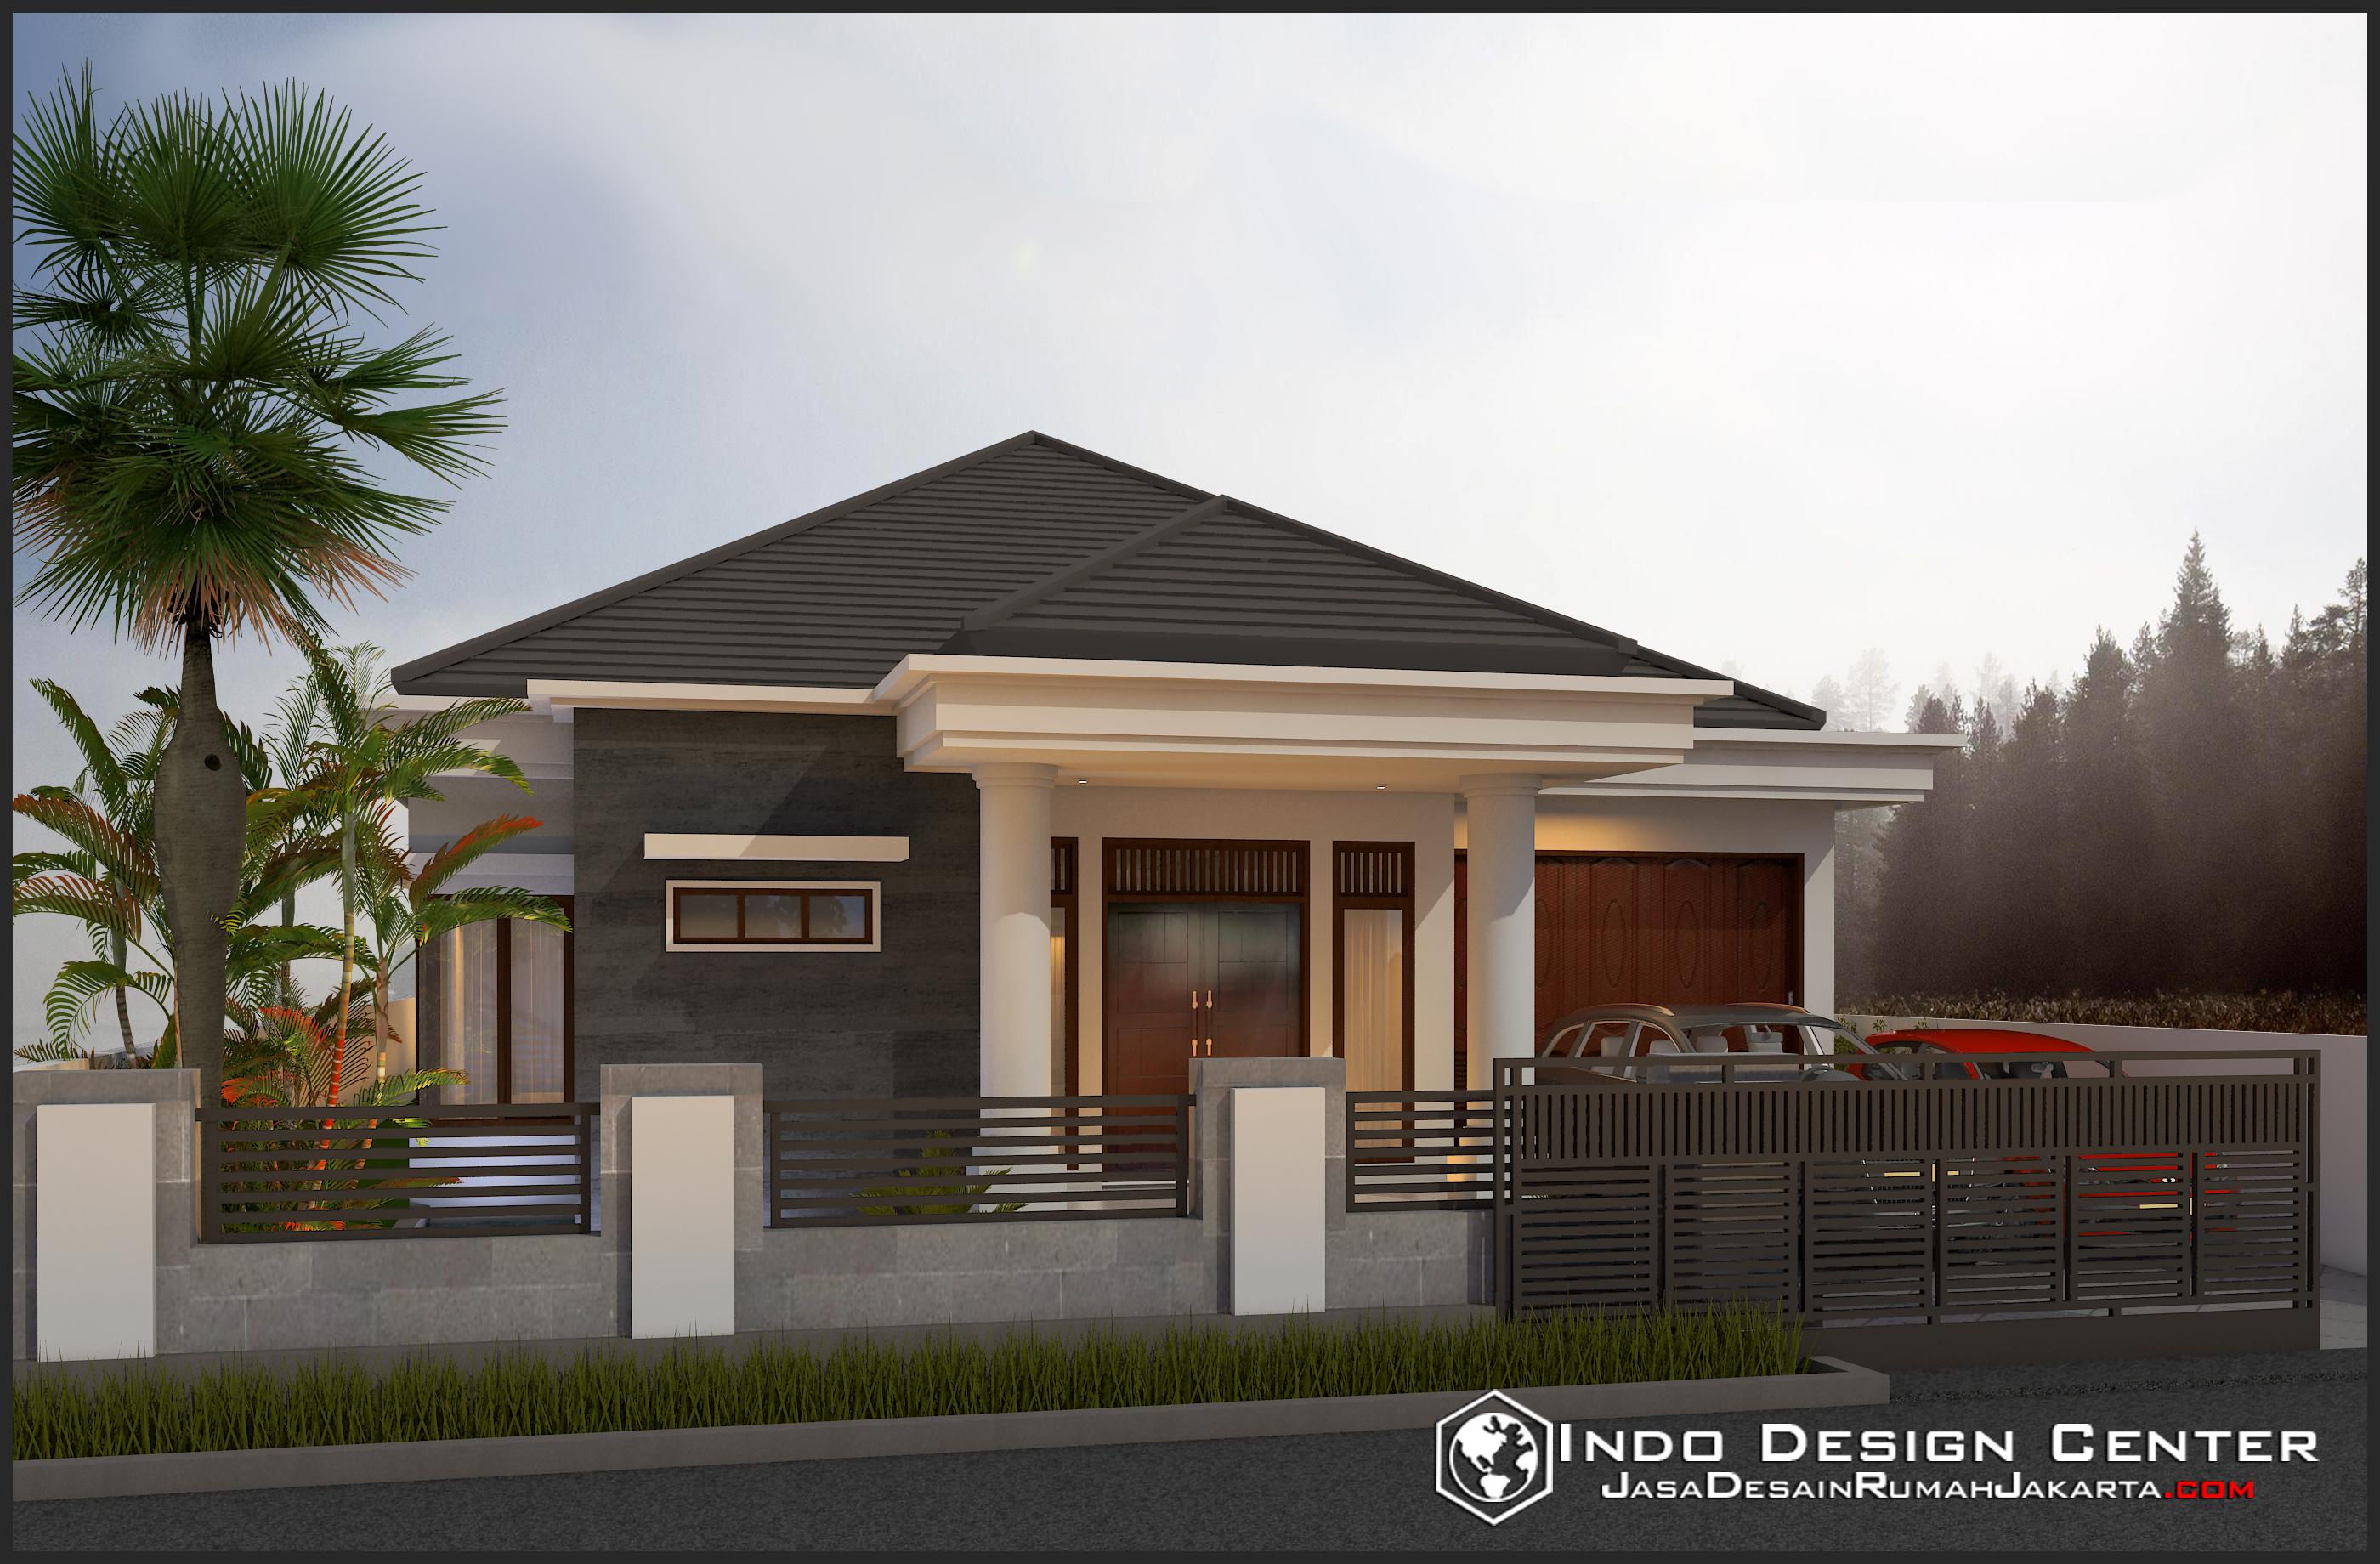 gambar rumah sederhana bapak ginting arsip jasa desain